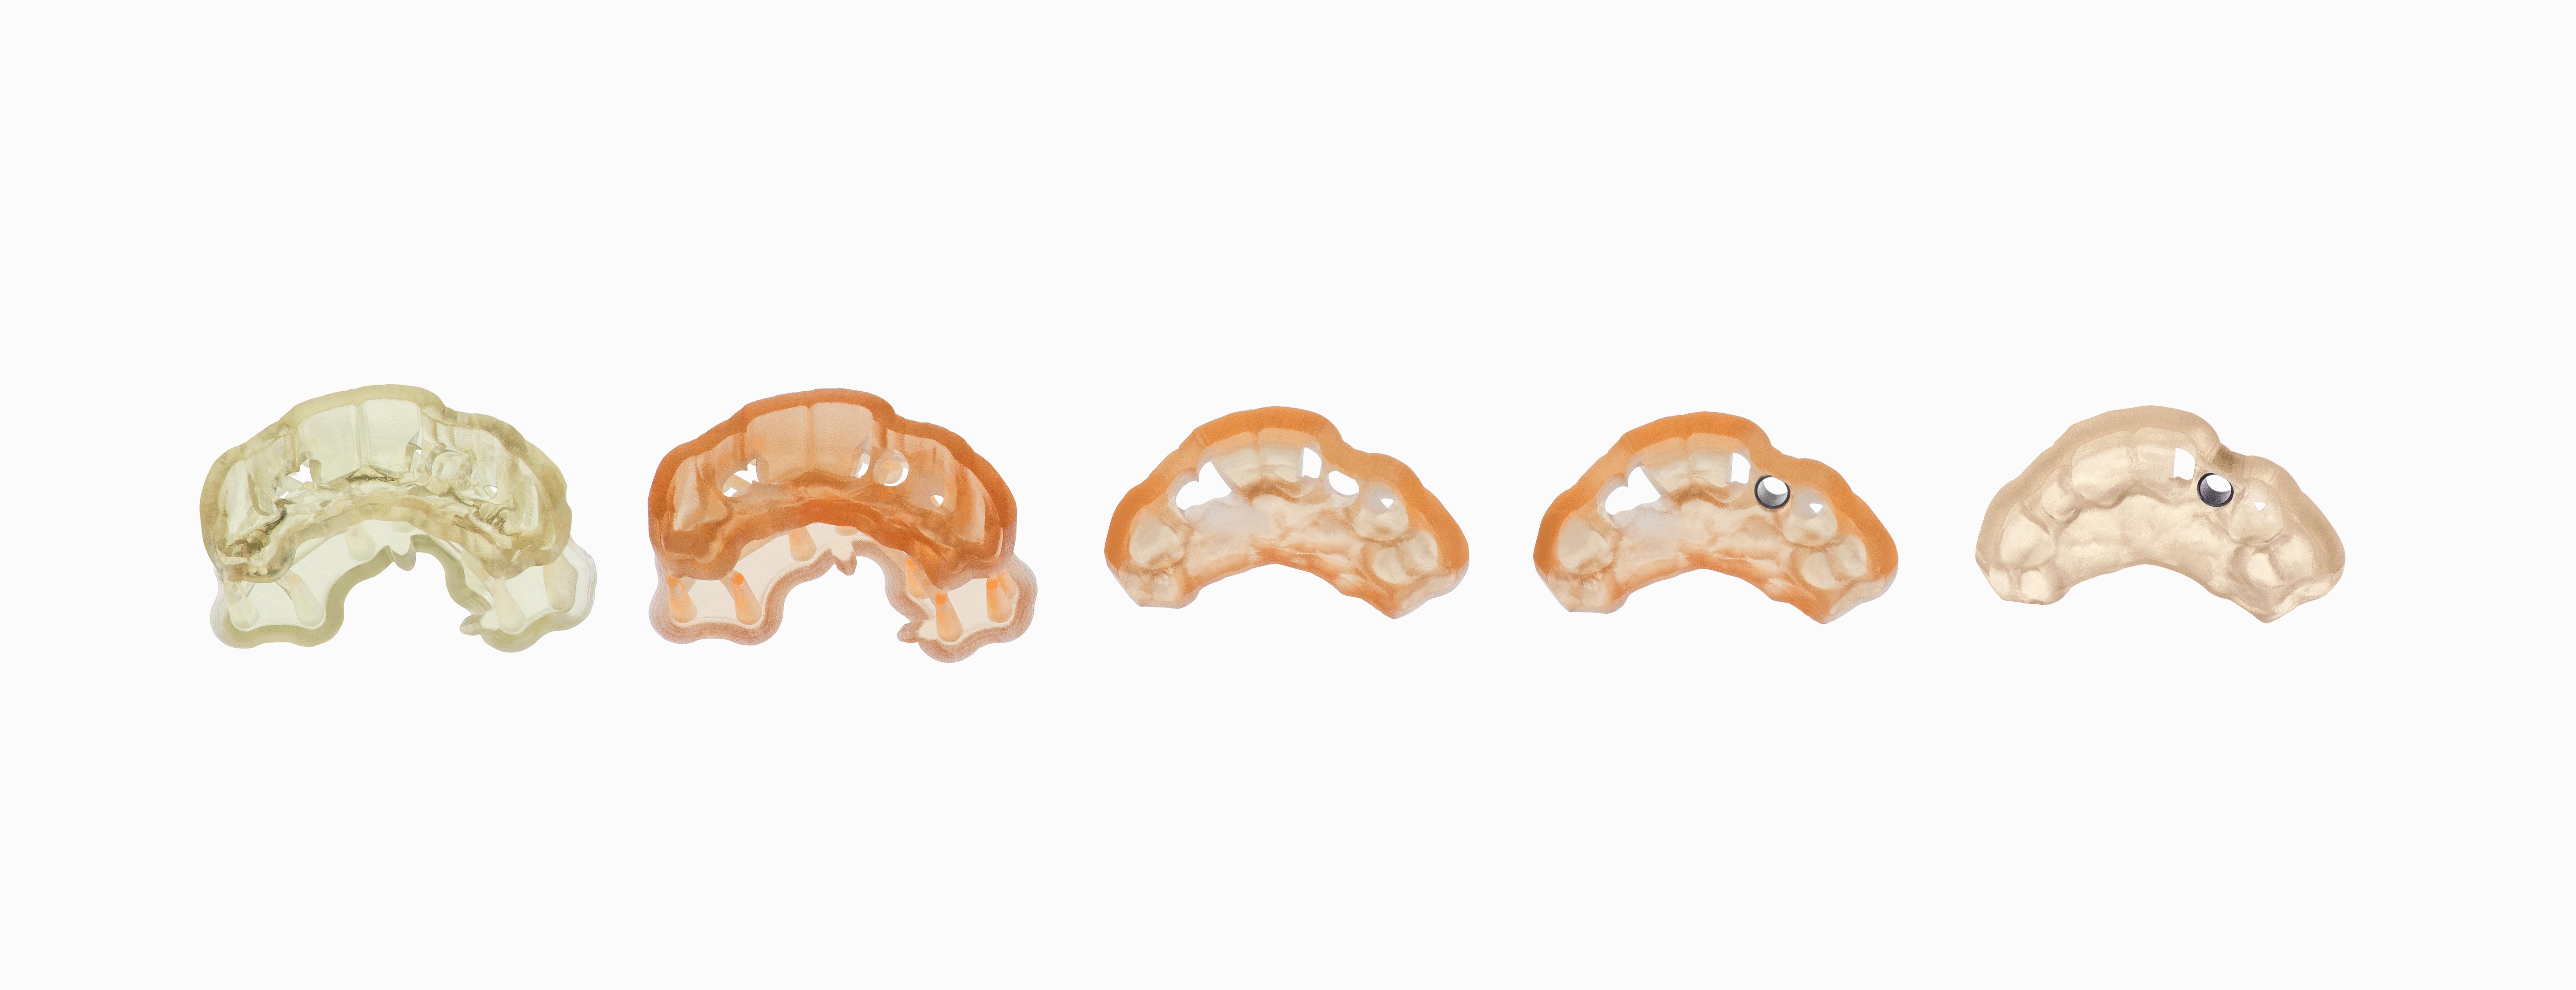 Beispiel Bohrschablone: Prozess vom 3D-Druck zur autoklavierten Bohrschablone.